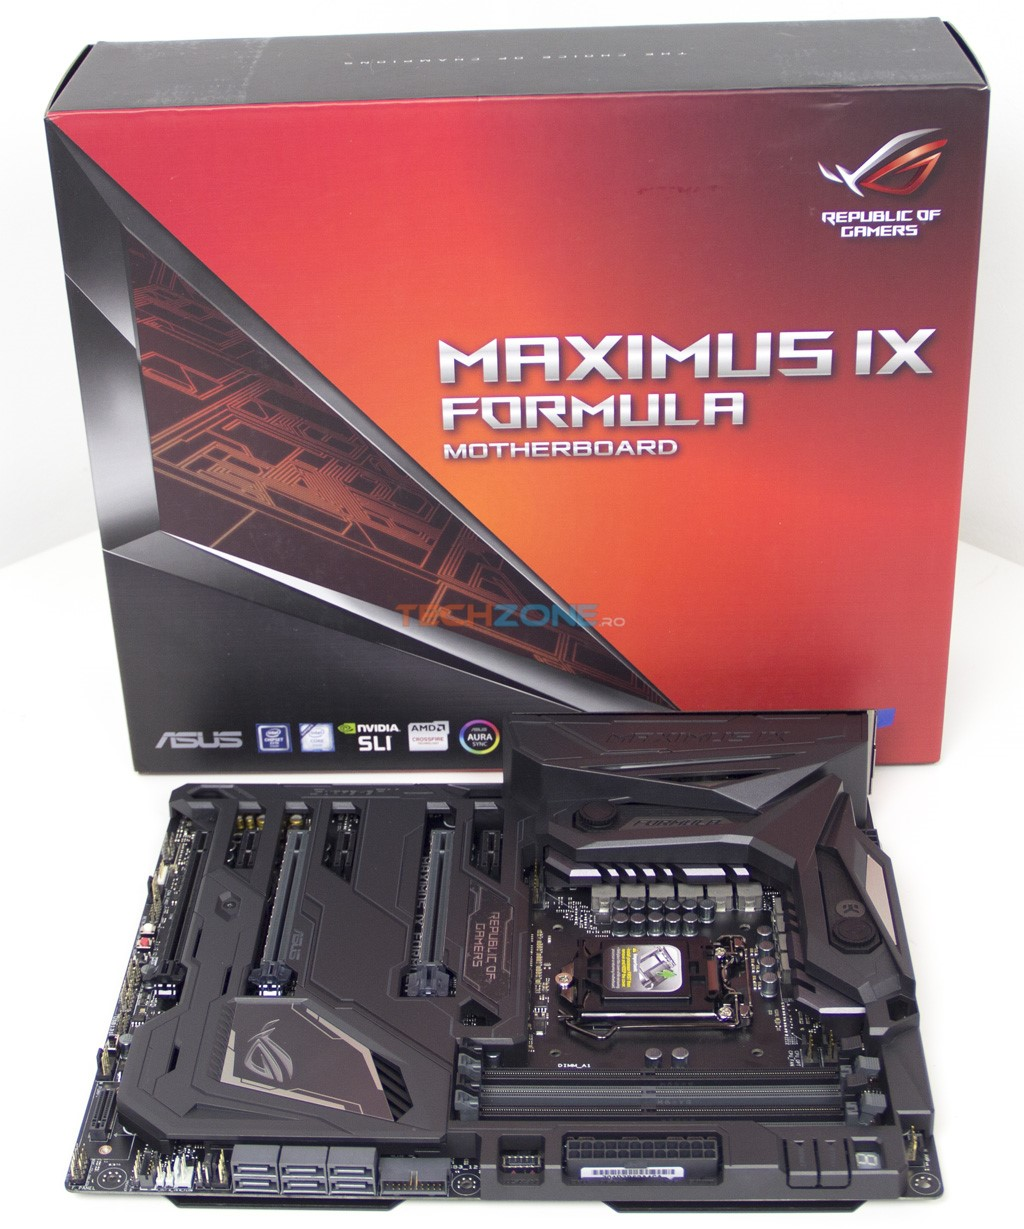 Asus Maximus IX Formula set